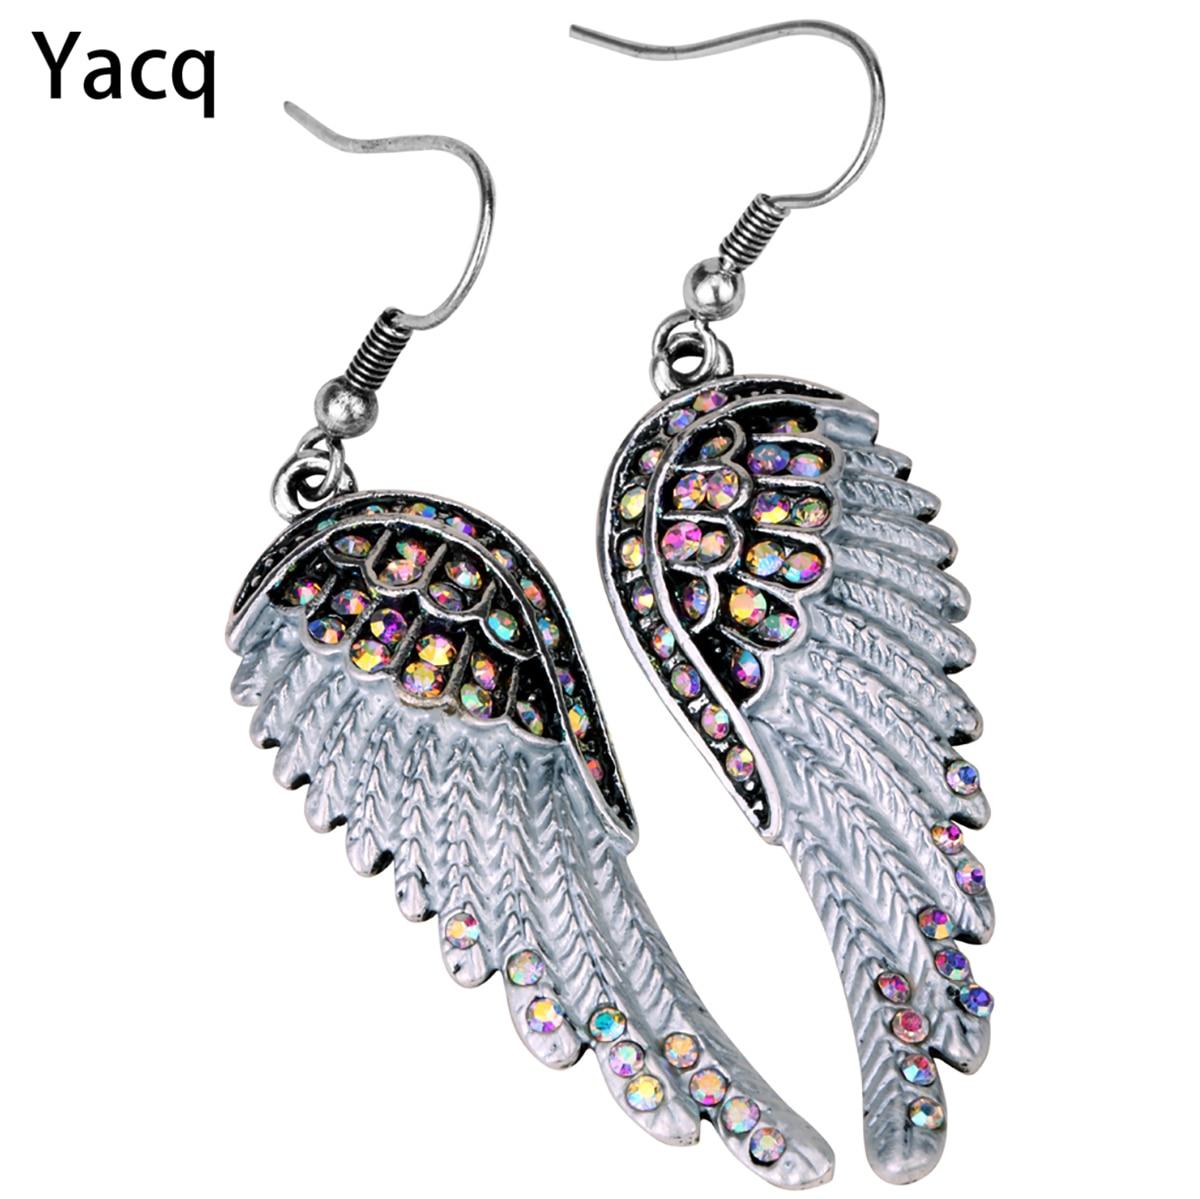 Ange ailes pendent boucles d'oreilles antique or argent couleur W cristal femmes filles motard bling bijoux cadeau gros dropshipping EC23